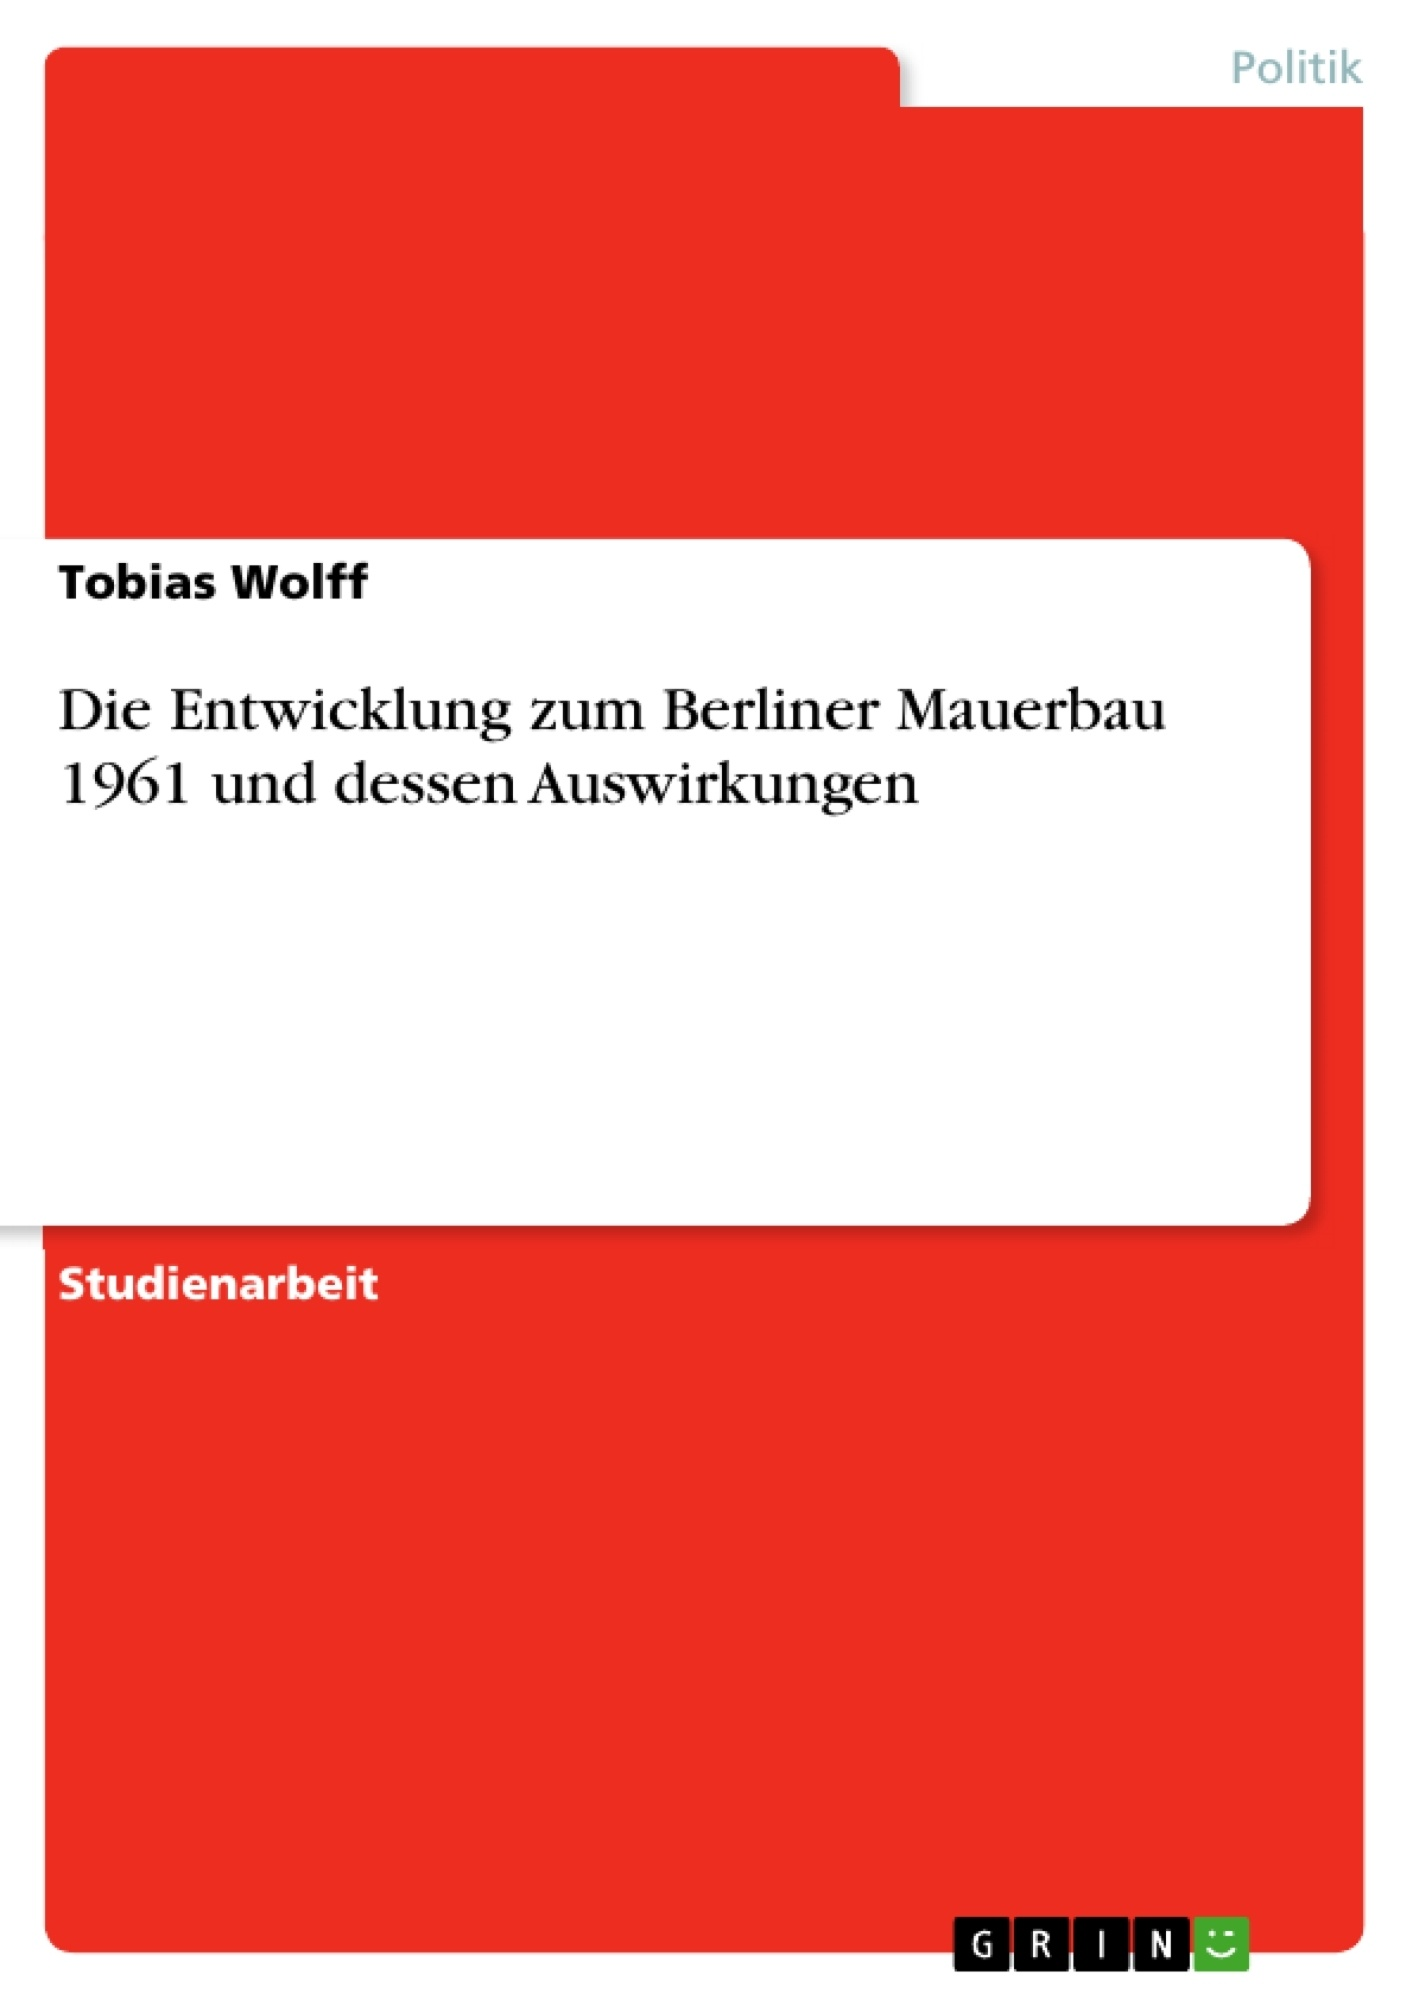 Titel: Die Entwicklung zum Berliner Mauerbau 1961 und dessen Auswirkungen